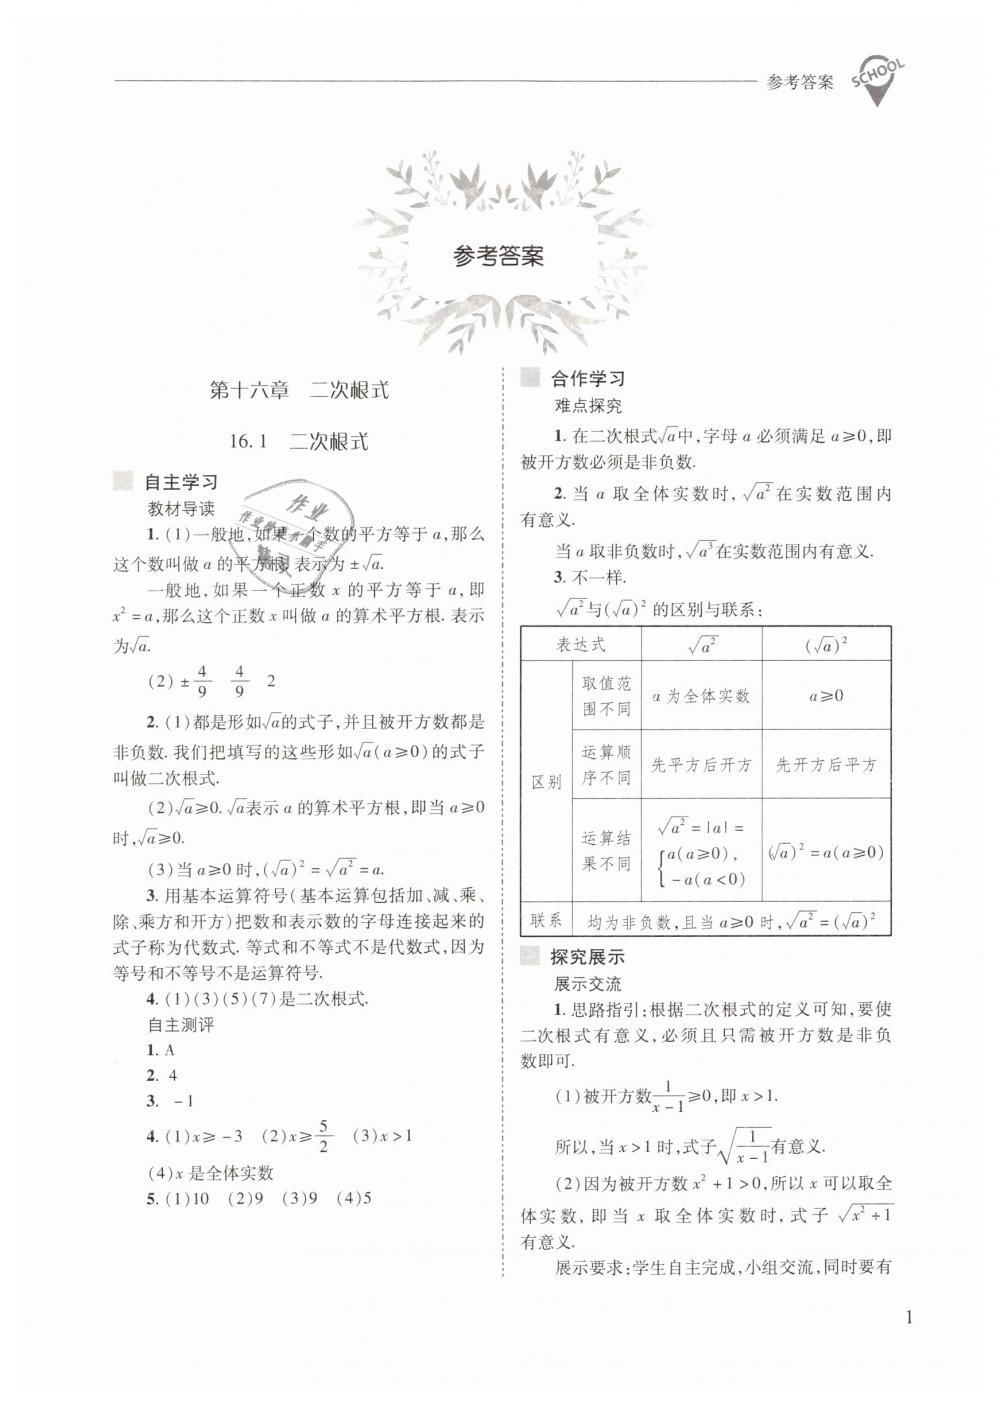 2019年新课程问题解决导学方案八年级数学下册人教版第1页